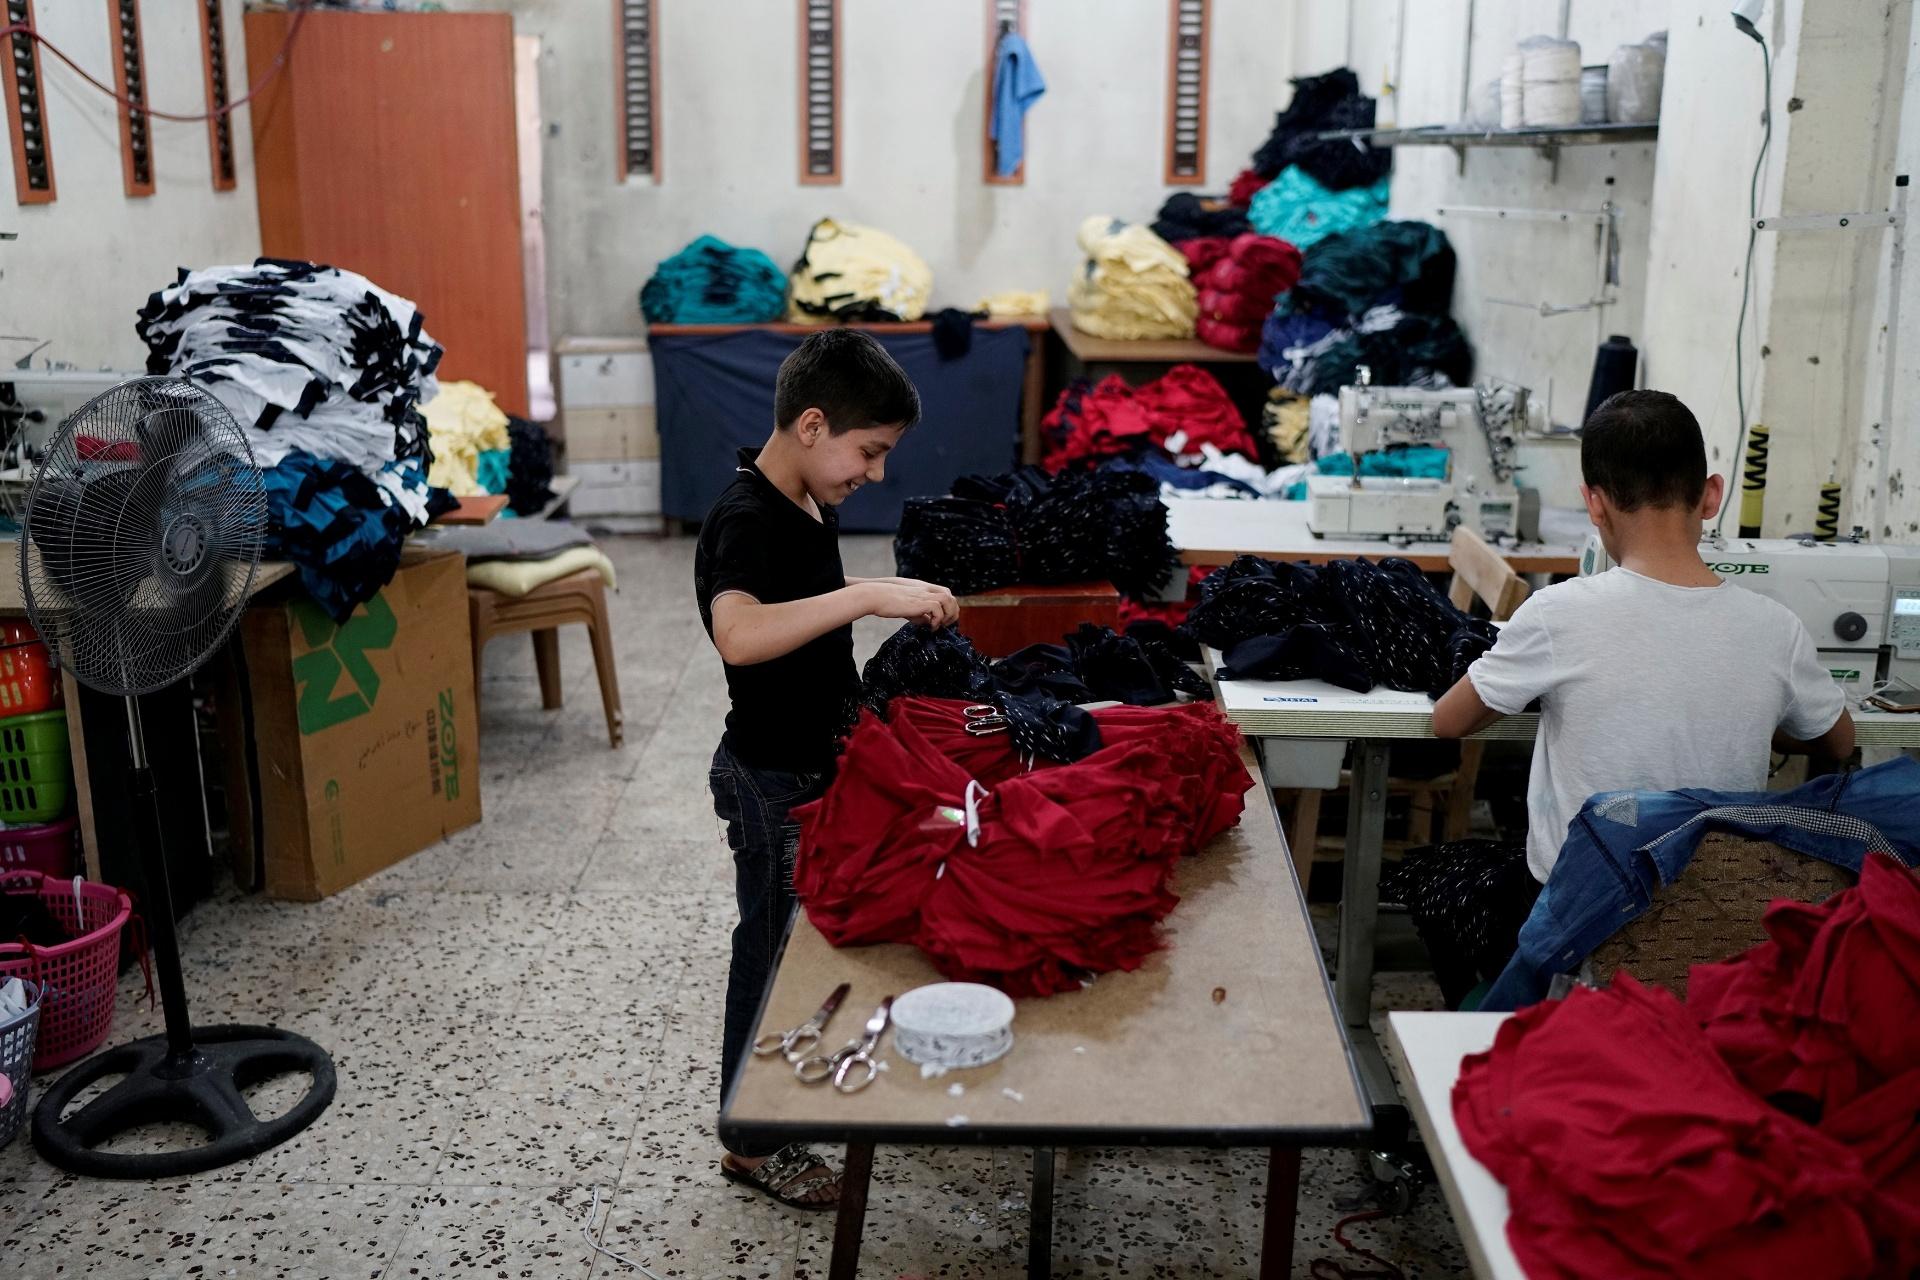 Crianças sírias são exploradas em fábricas de grifes europeias na Turquia, revela investigação da BBC